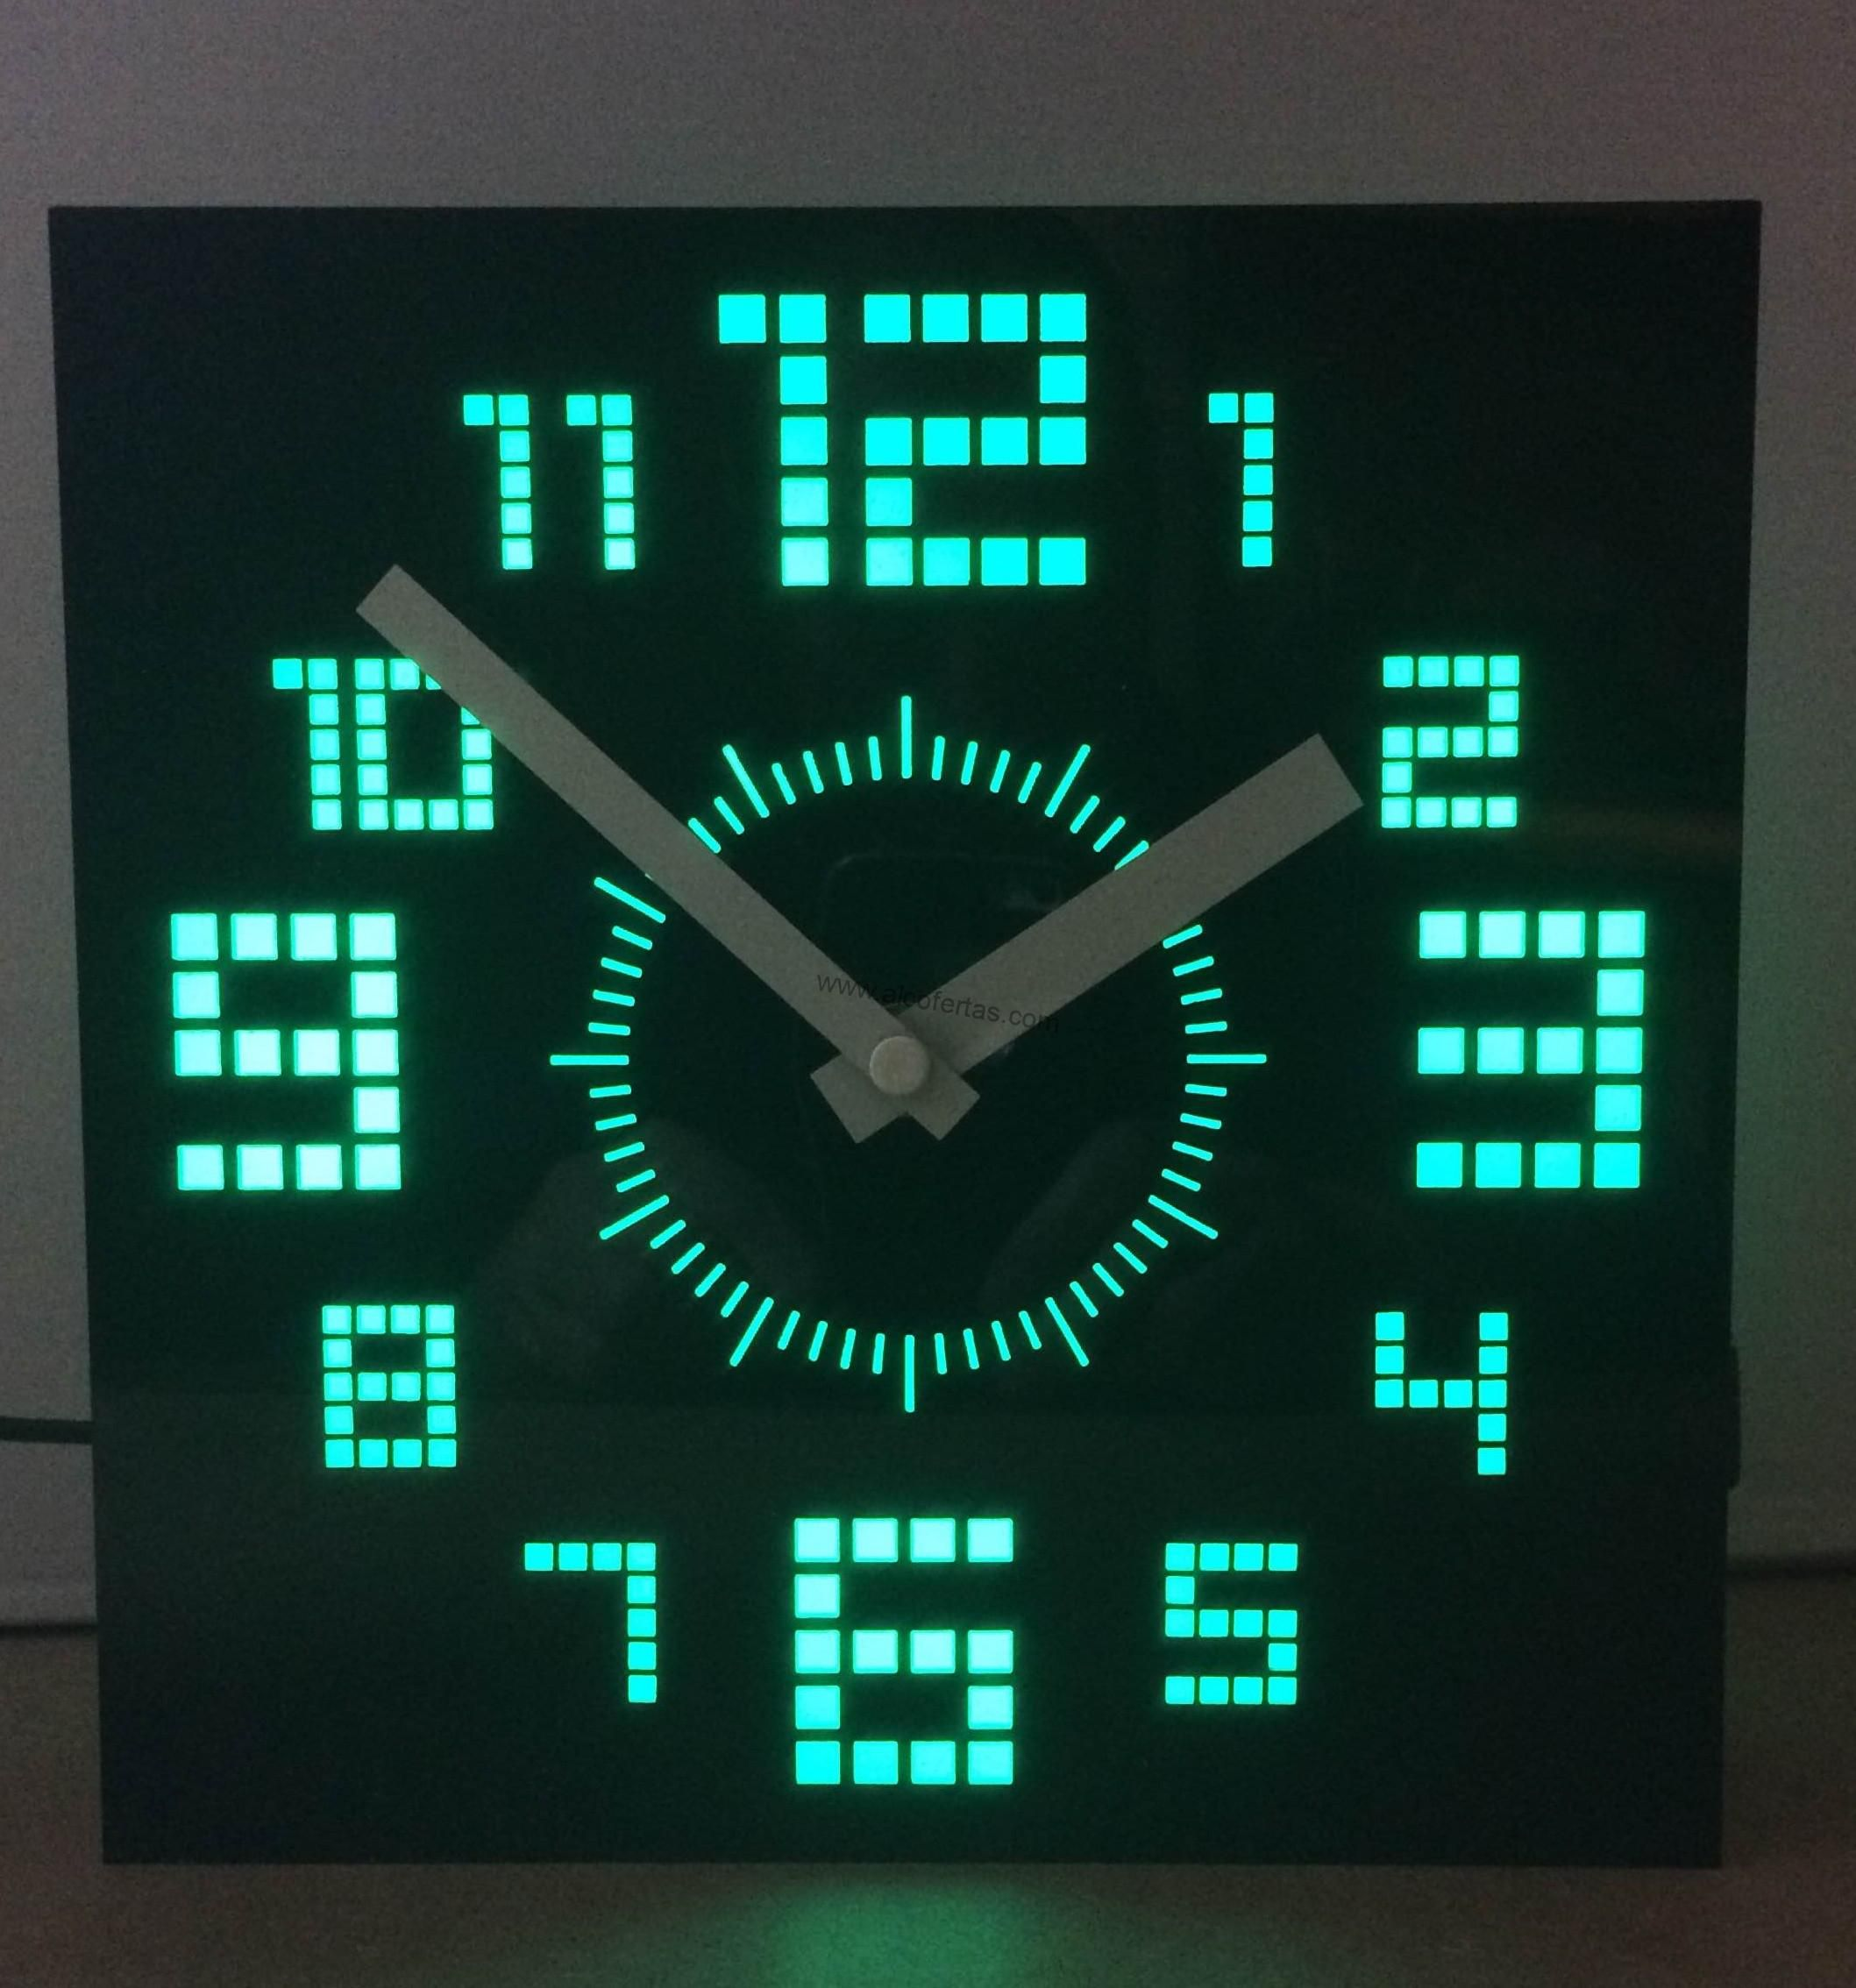 Reloj moderno, luces de led | Reloj digital de pared, Relojes ...